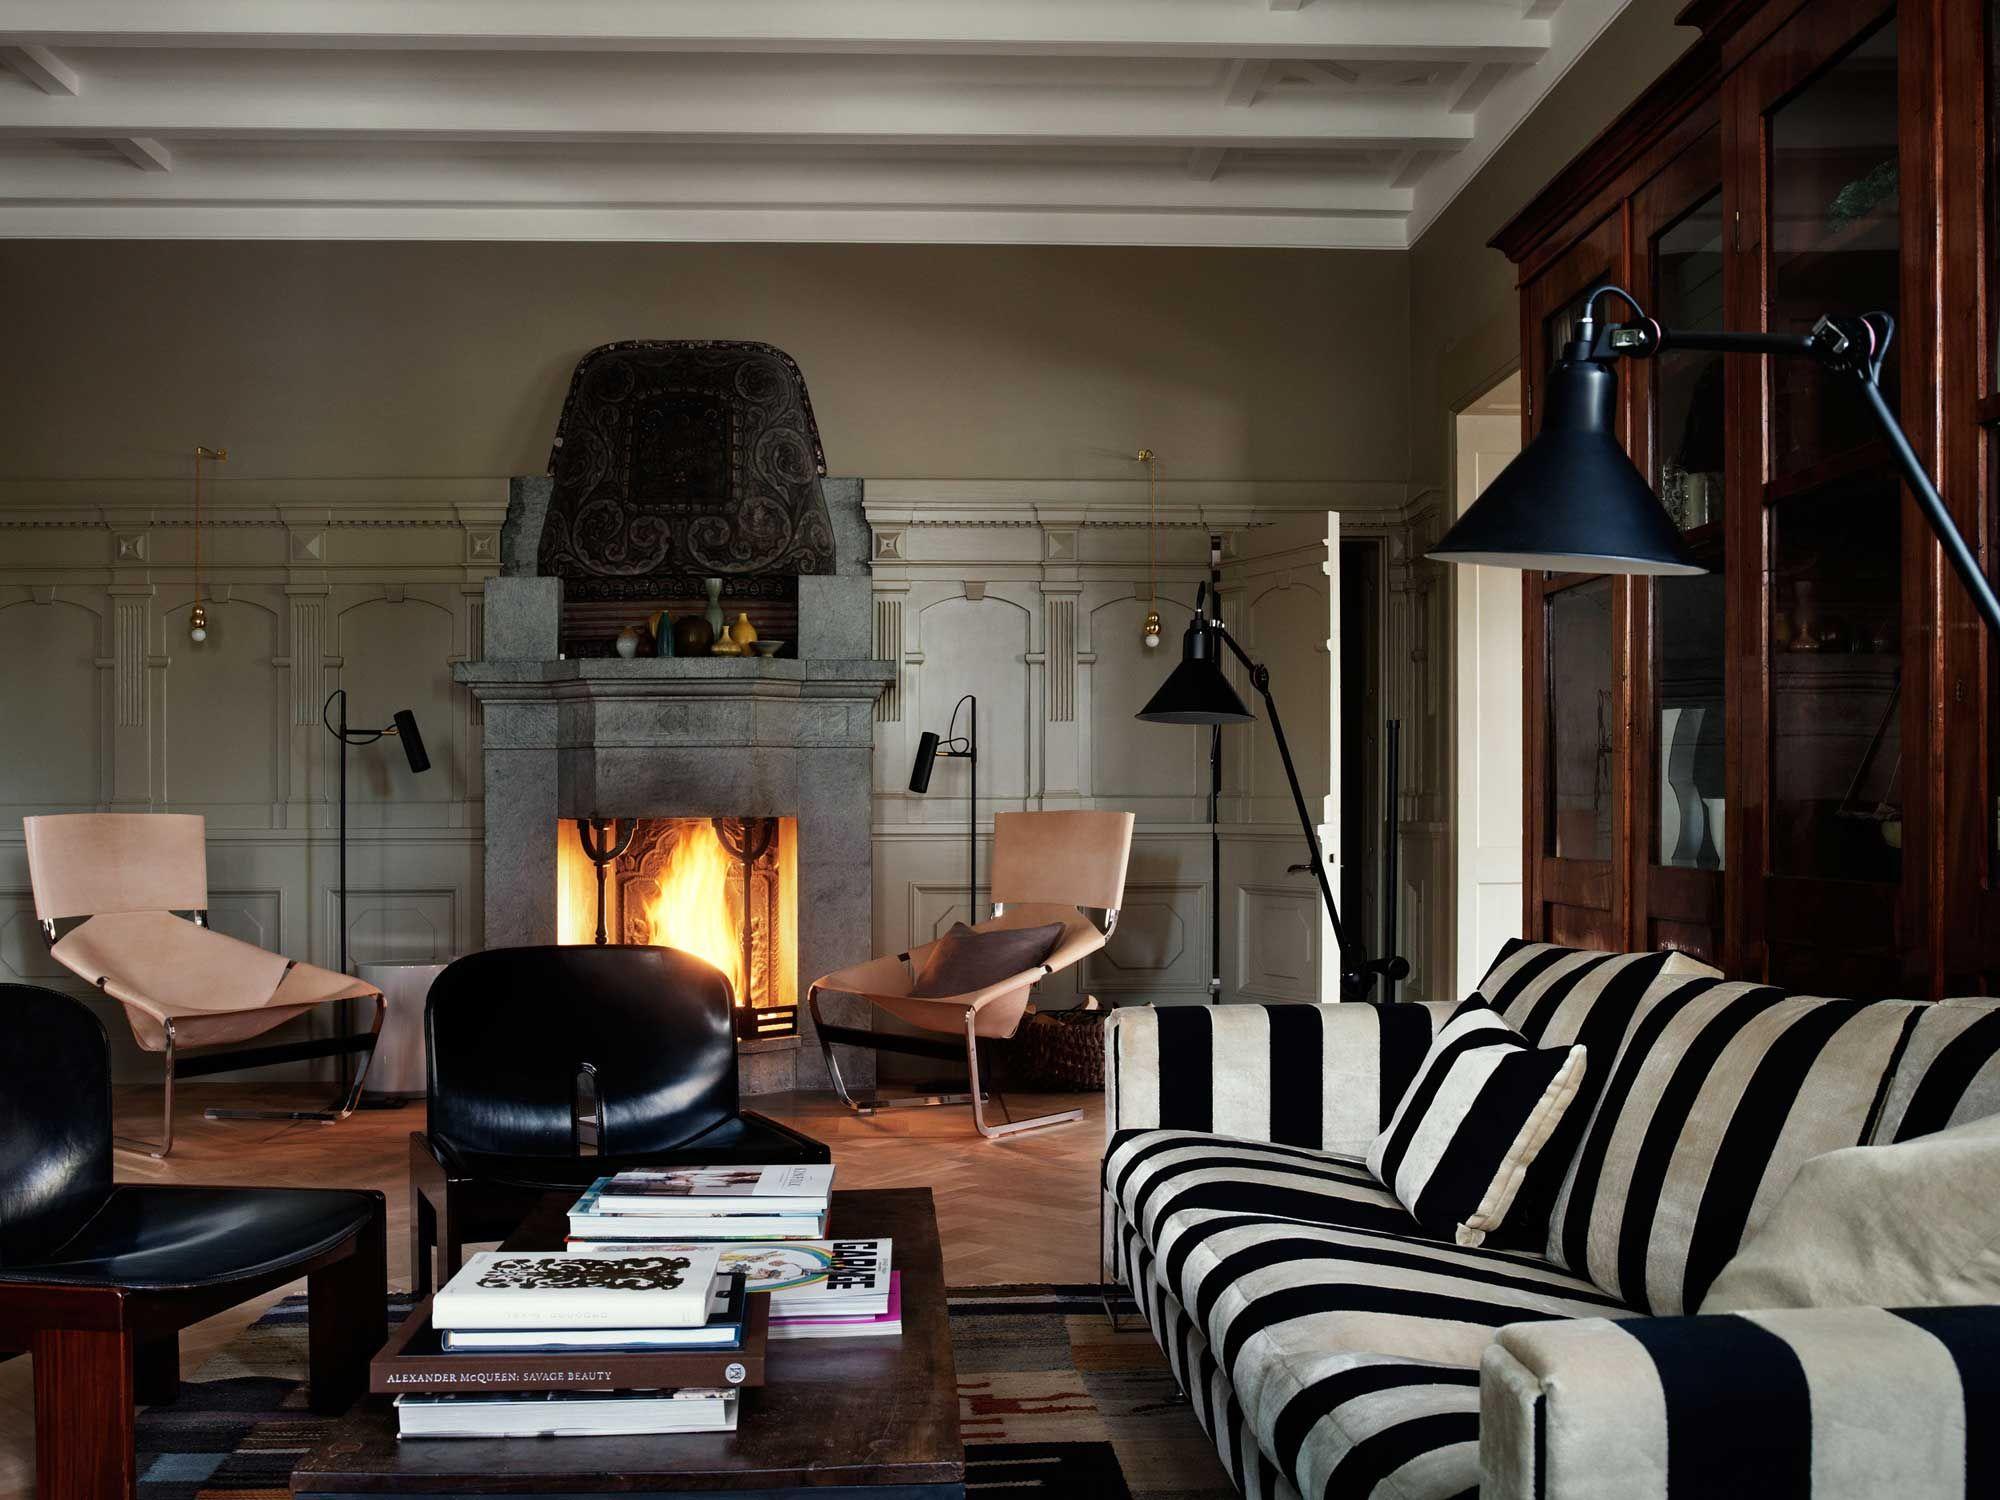 Ilse crawford the designer of the year at maison et objet paris interior design